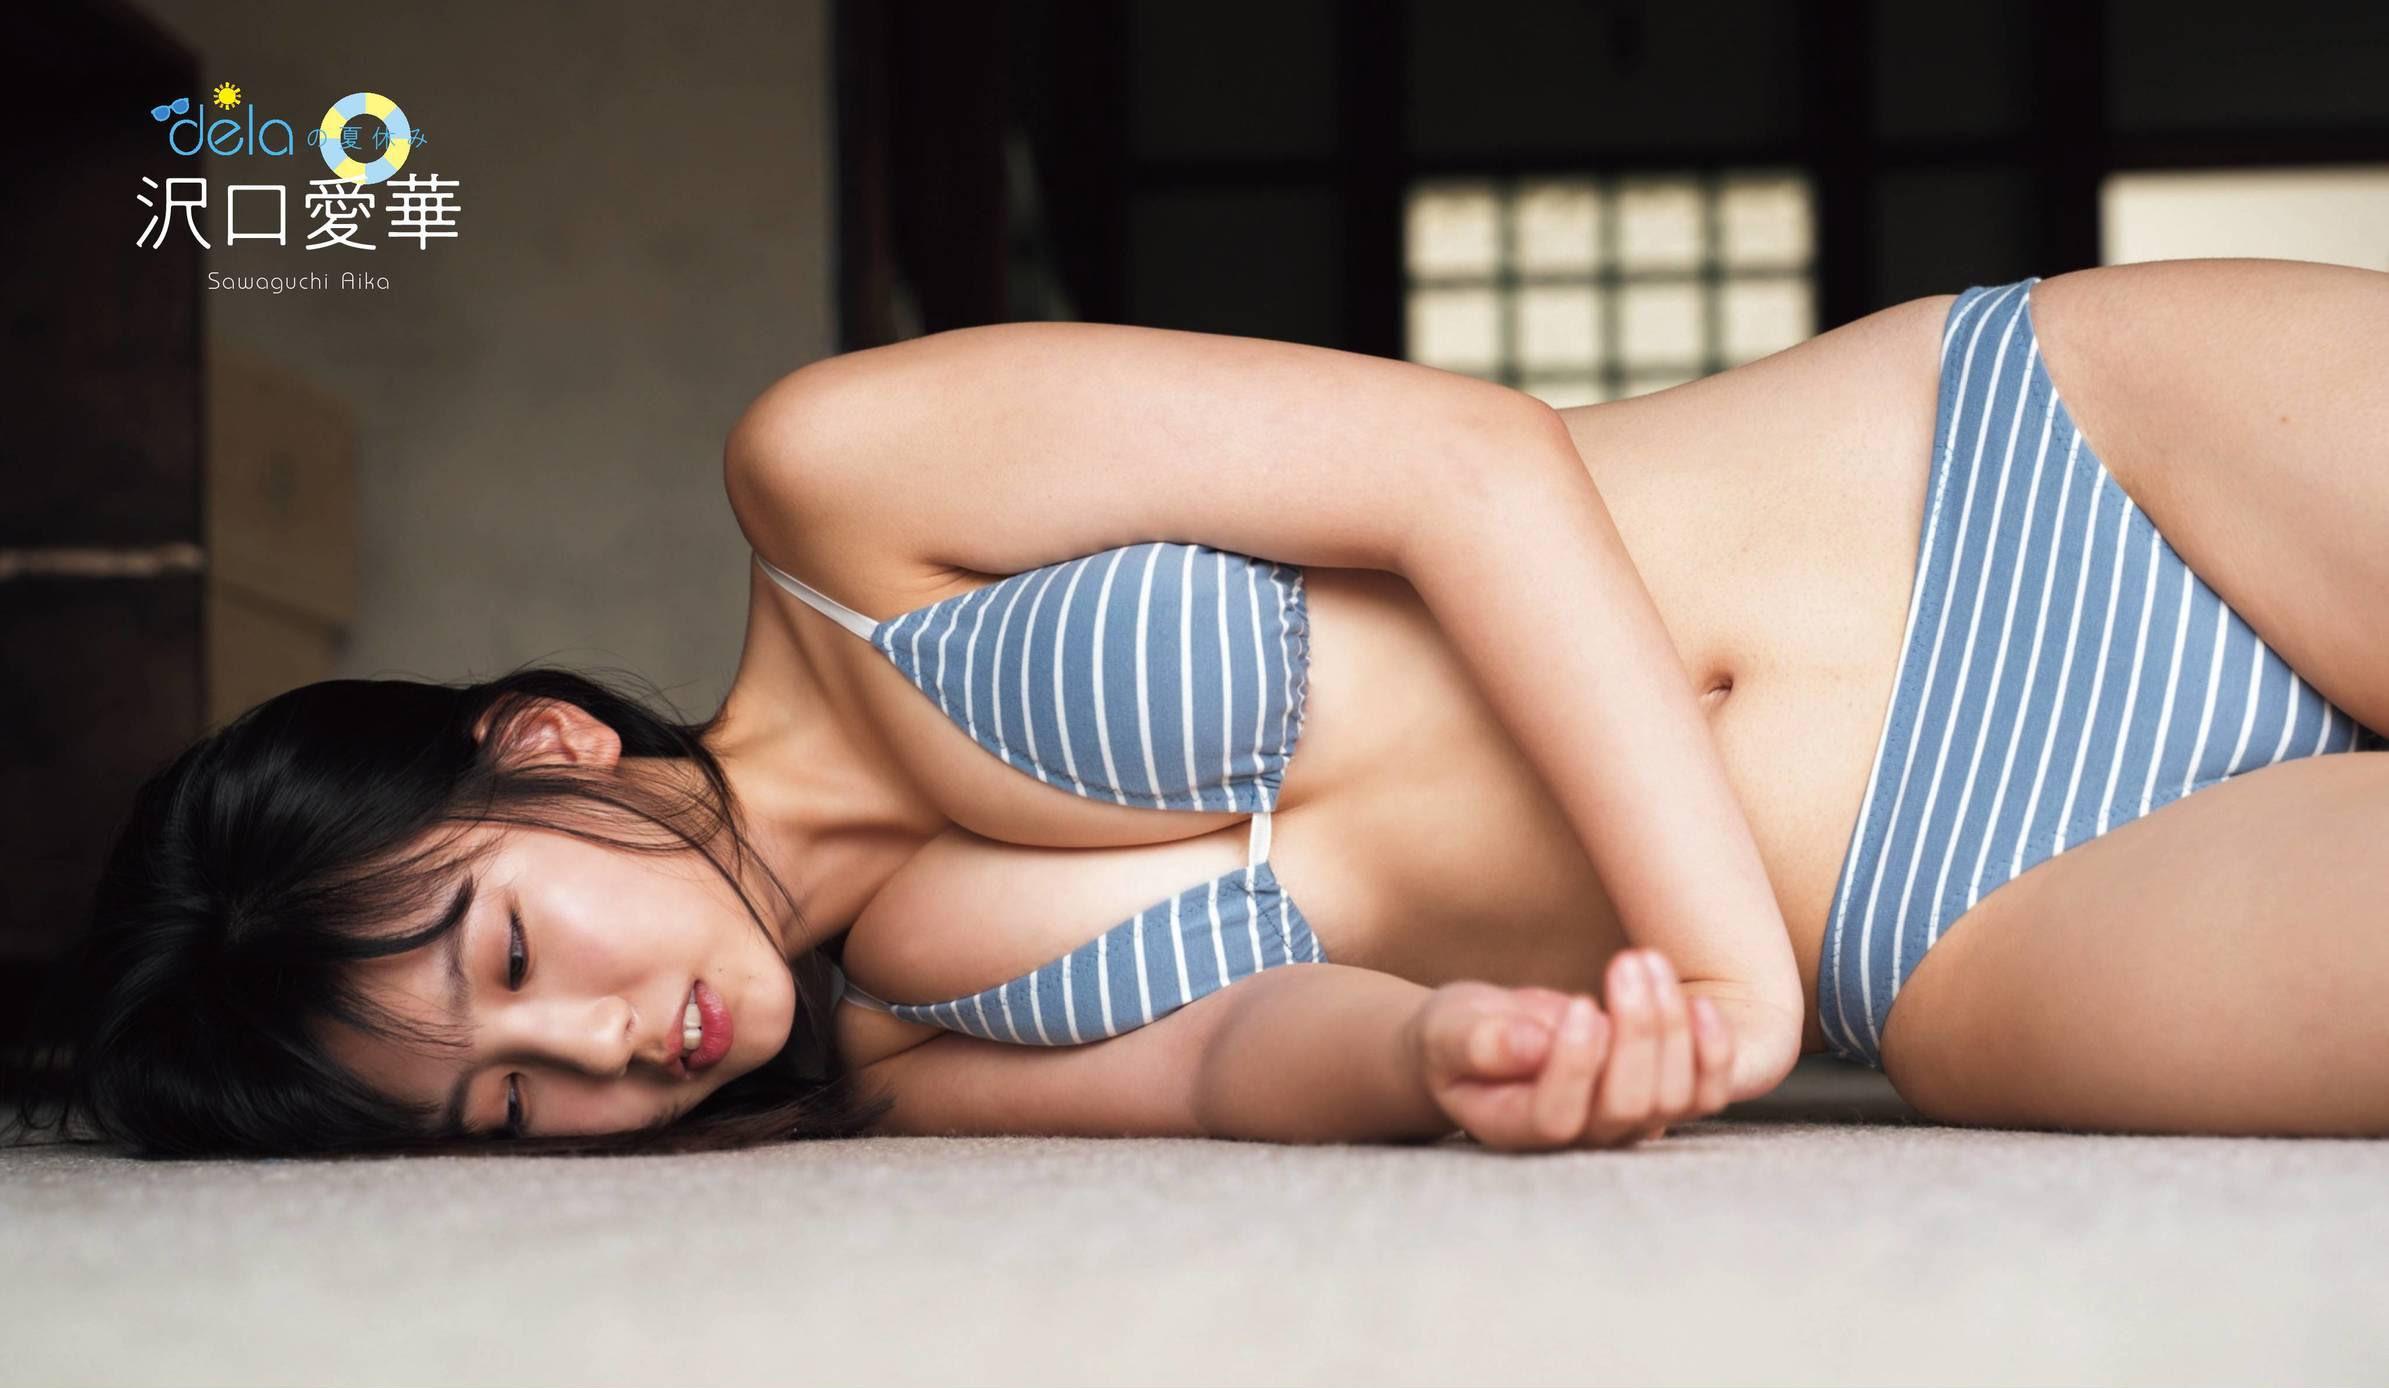 2-Aika-Sawaguchi-002